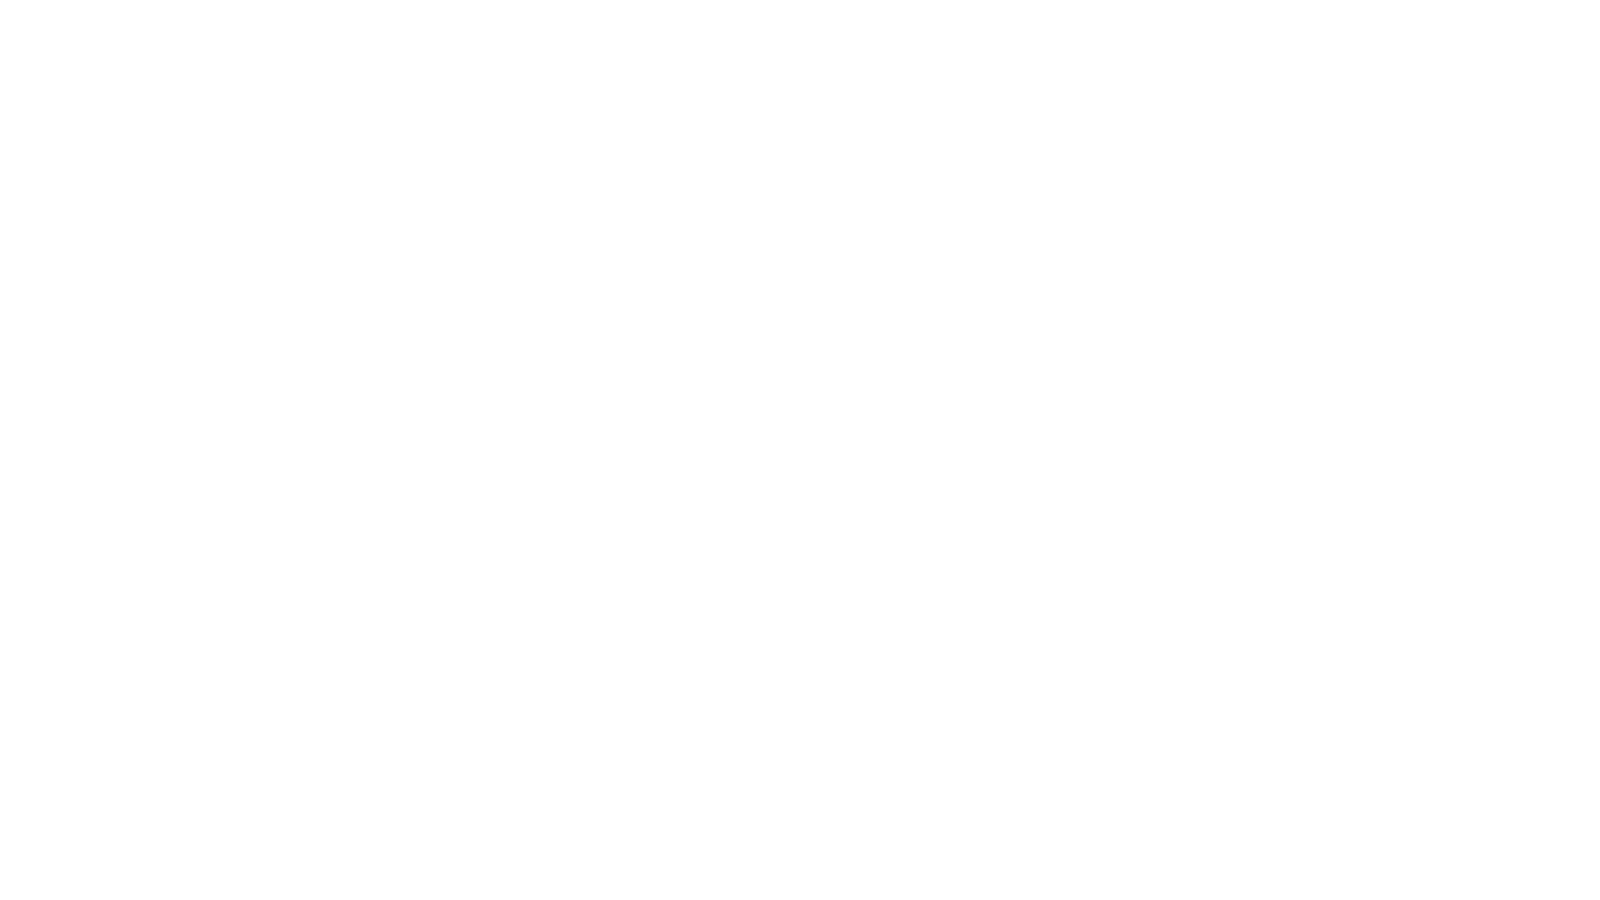 Envasado en bandejas con film pelable de queso con termoselladora semiautomática TSB 450 INOX. Esta termoselladora de carga manual y movimiento automático ofrece un alto rendimiento, una sencilla operación y sencillo combio de formatos.   Es aplicable a prácticamente cualquier producto y puede incorporar envasado al vacío, MAP (atmósfera modificada) y envasado atmosférico.